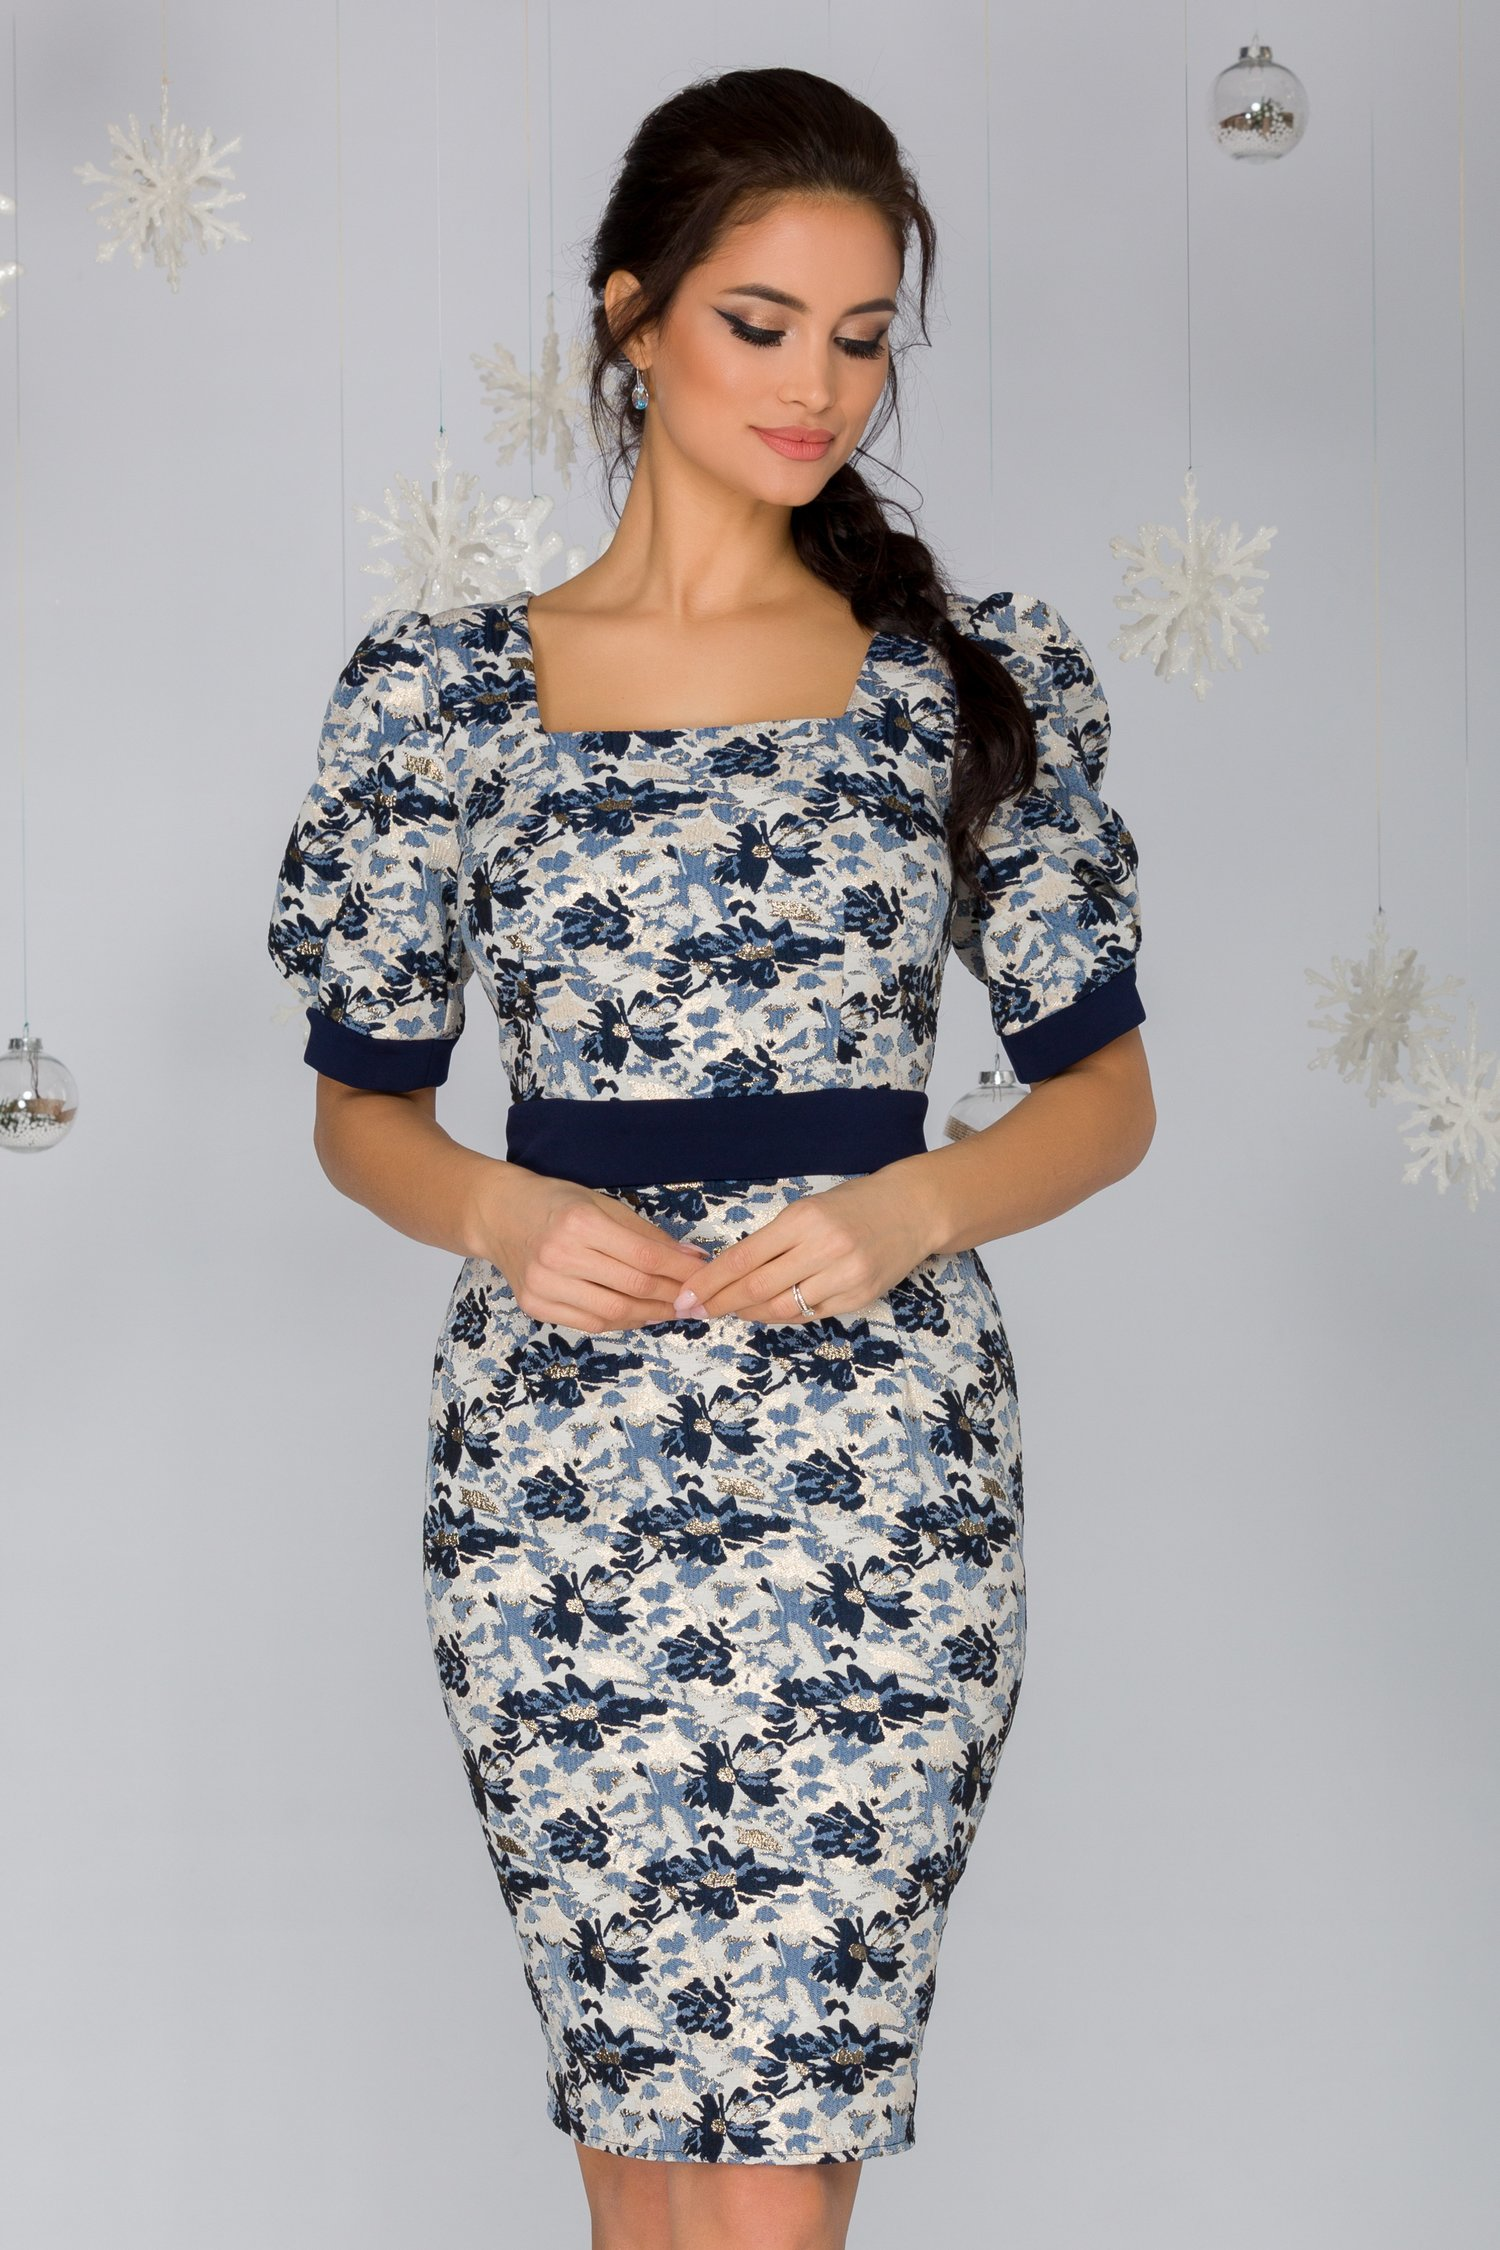 Rochie Corina cu imprimeu floral bleumarin si insertii aurii